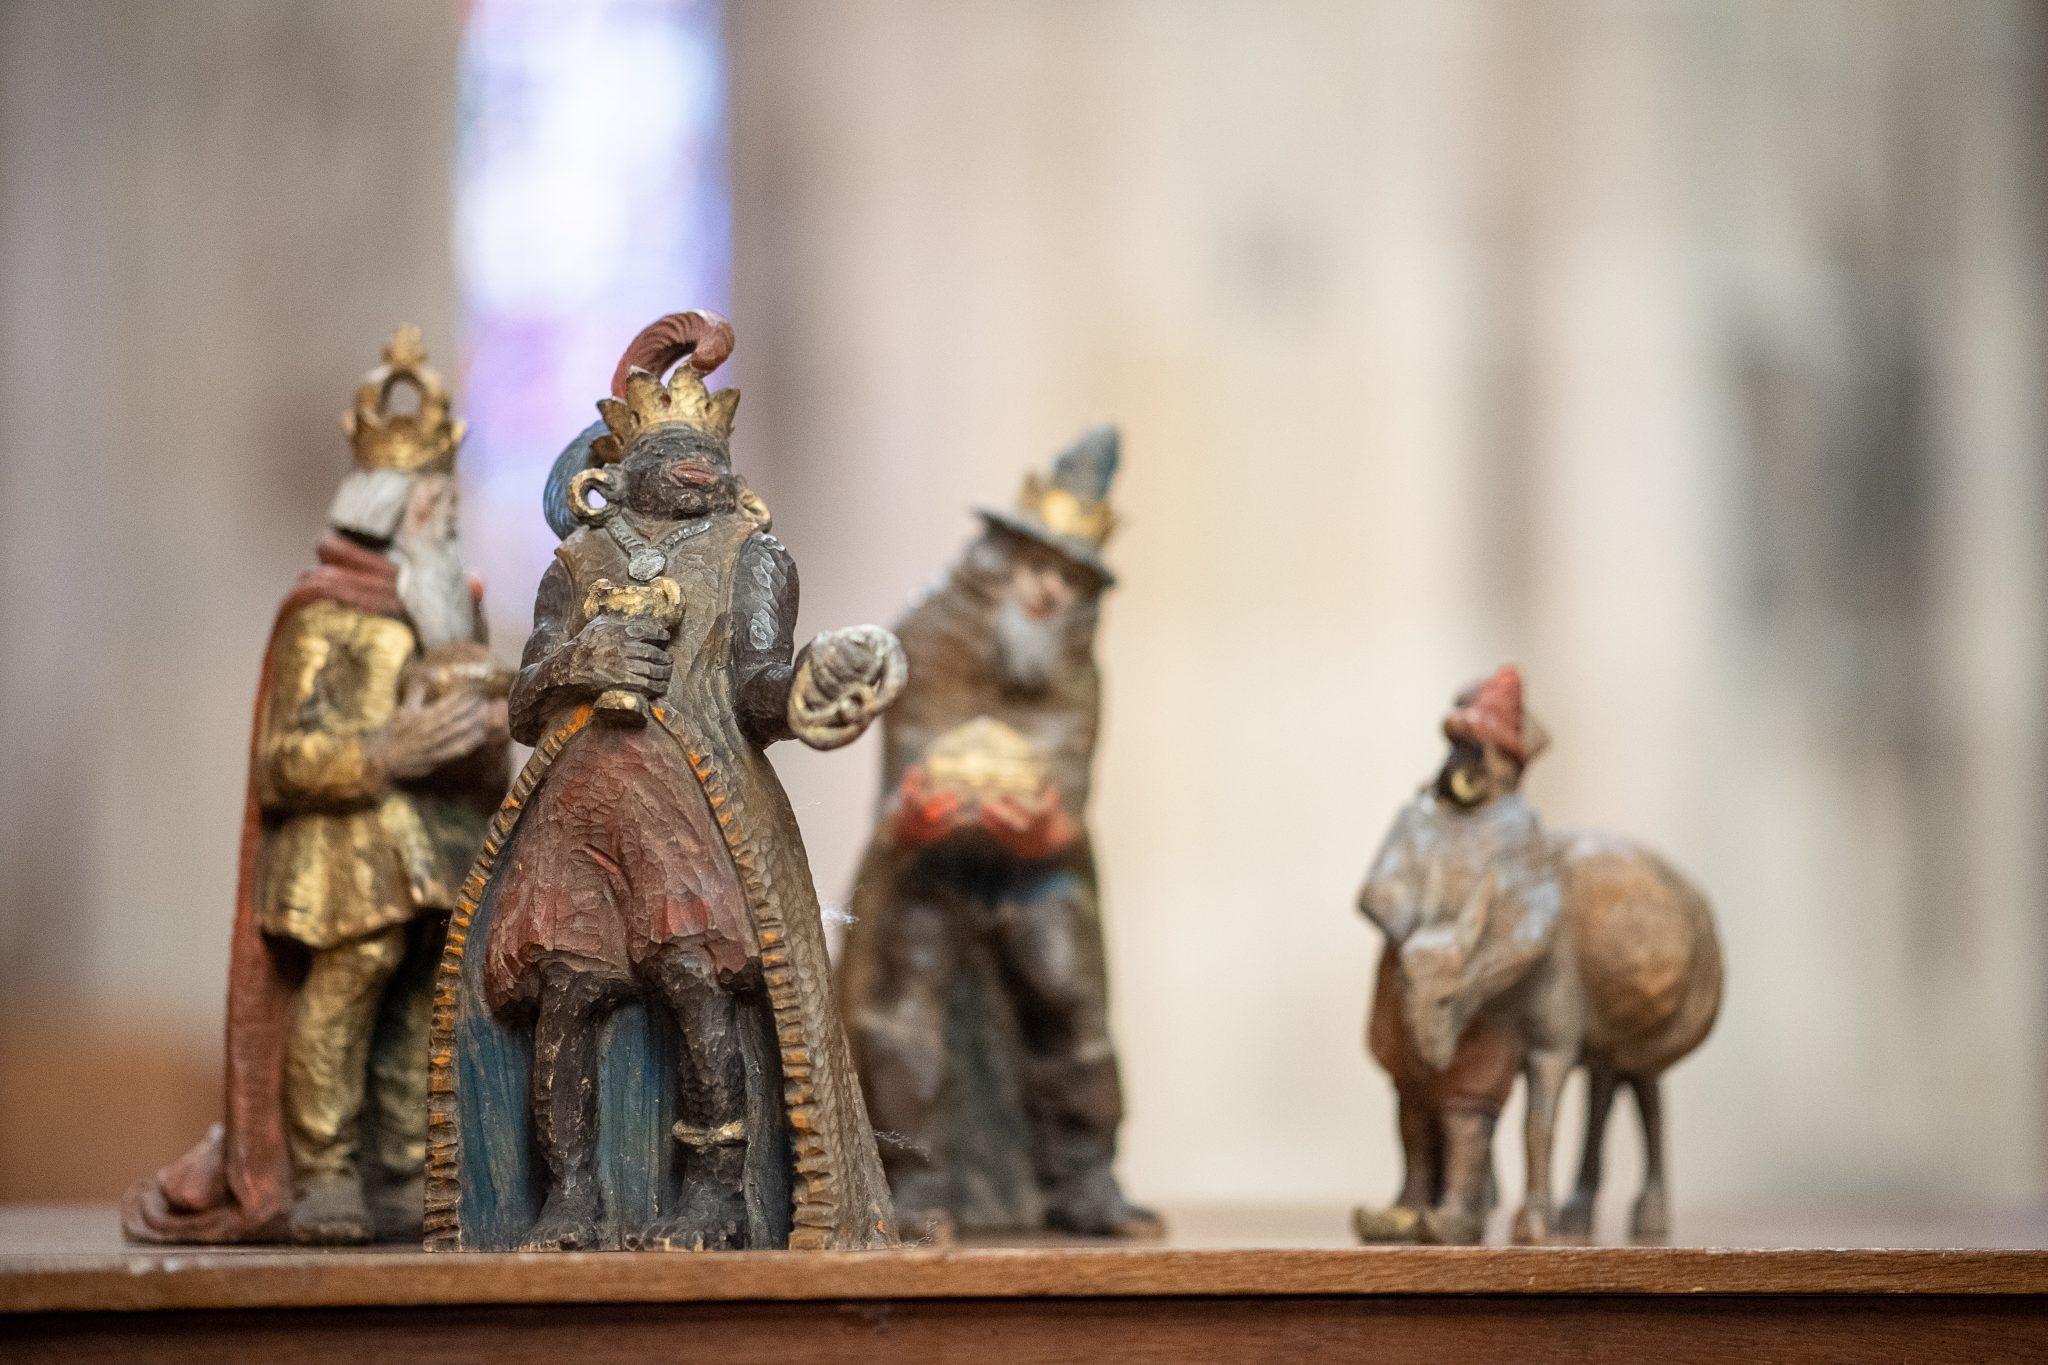 Politische Korrektheit: Heilige Drei Könige aus Krippe des Ulmer Münsters entfernt